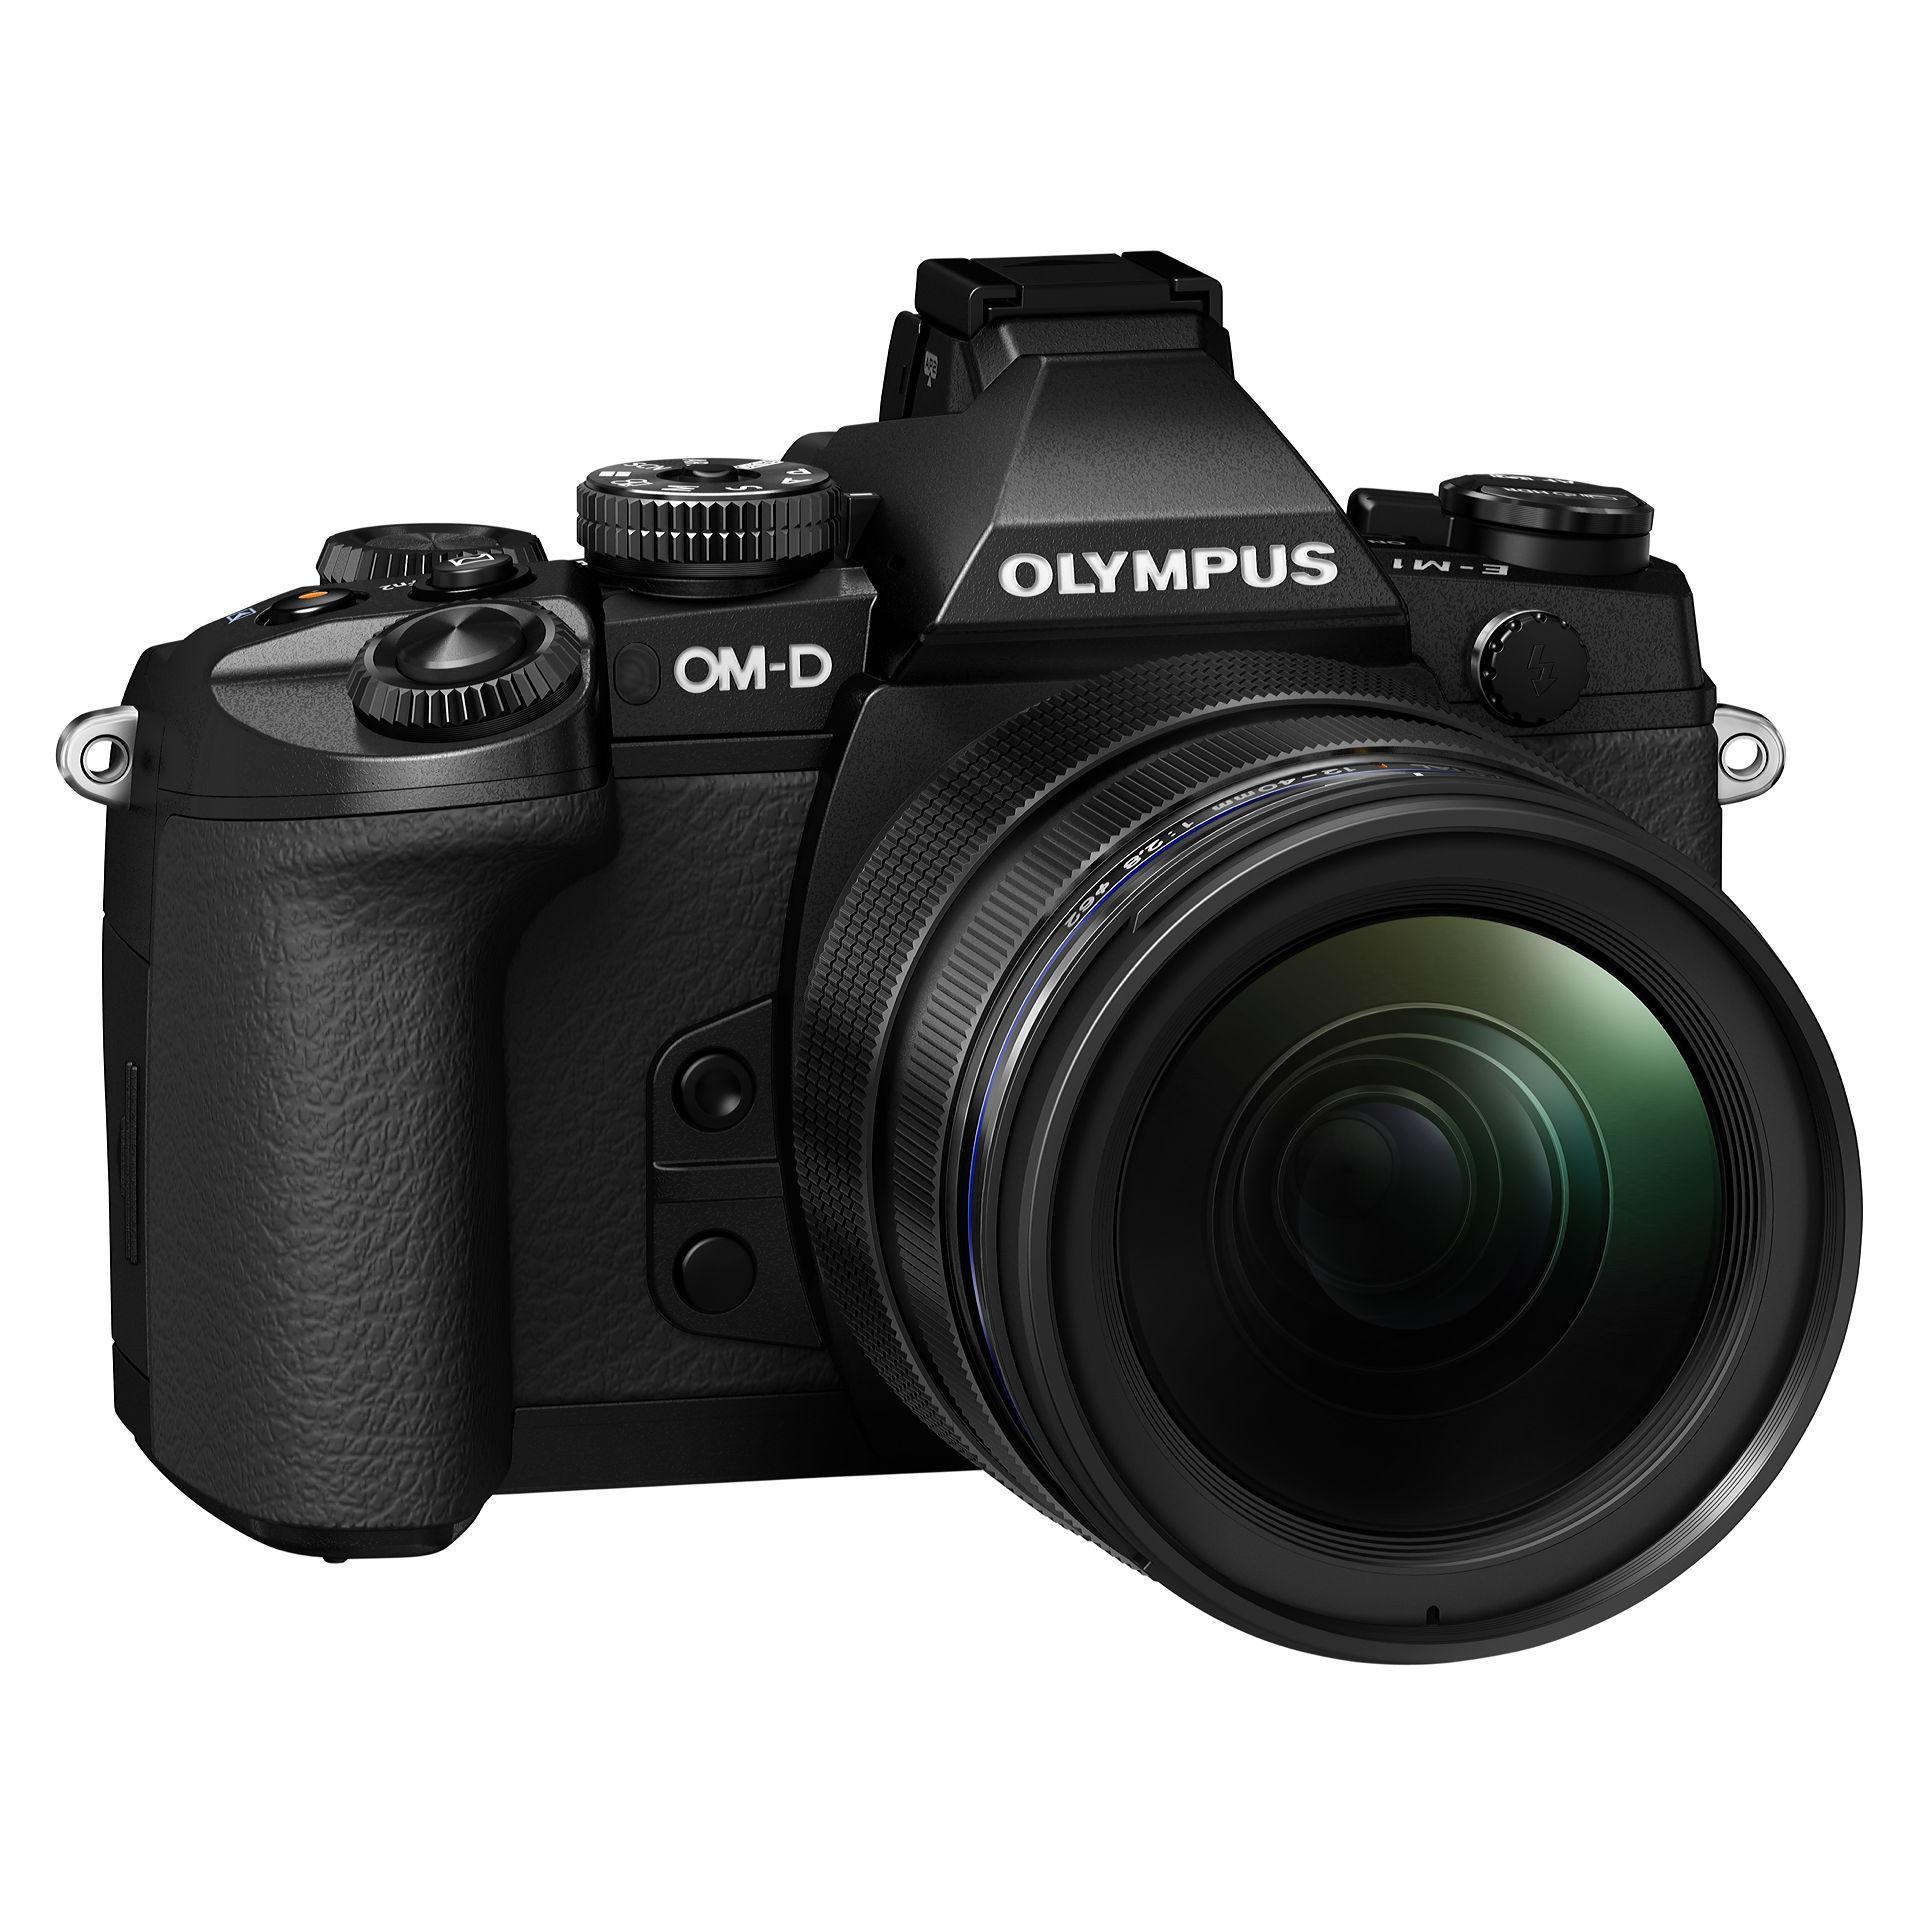 15% de réduction sur le rayon photo - Ex: Appareil photo Olympus OM-D E-M1 + objectif 12-50 mm (via ODR de 200€)